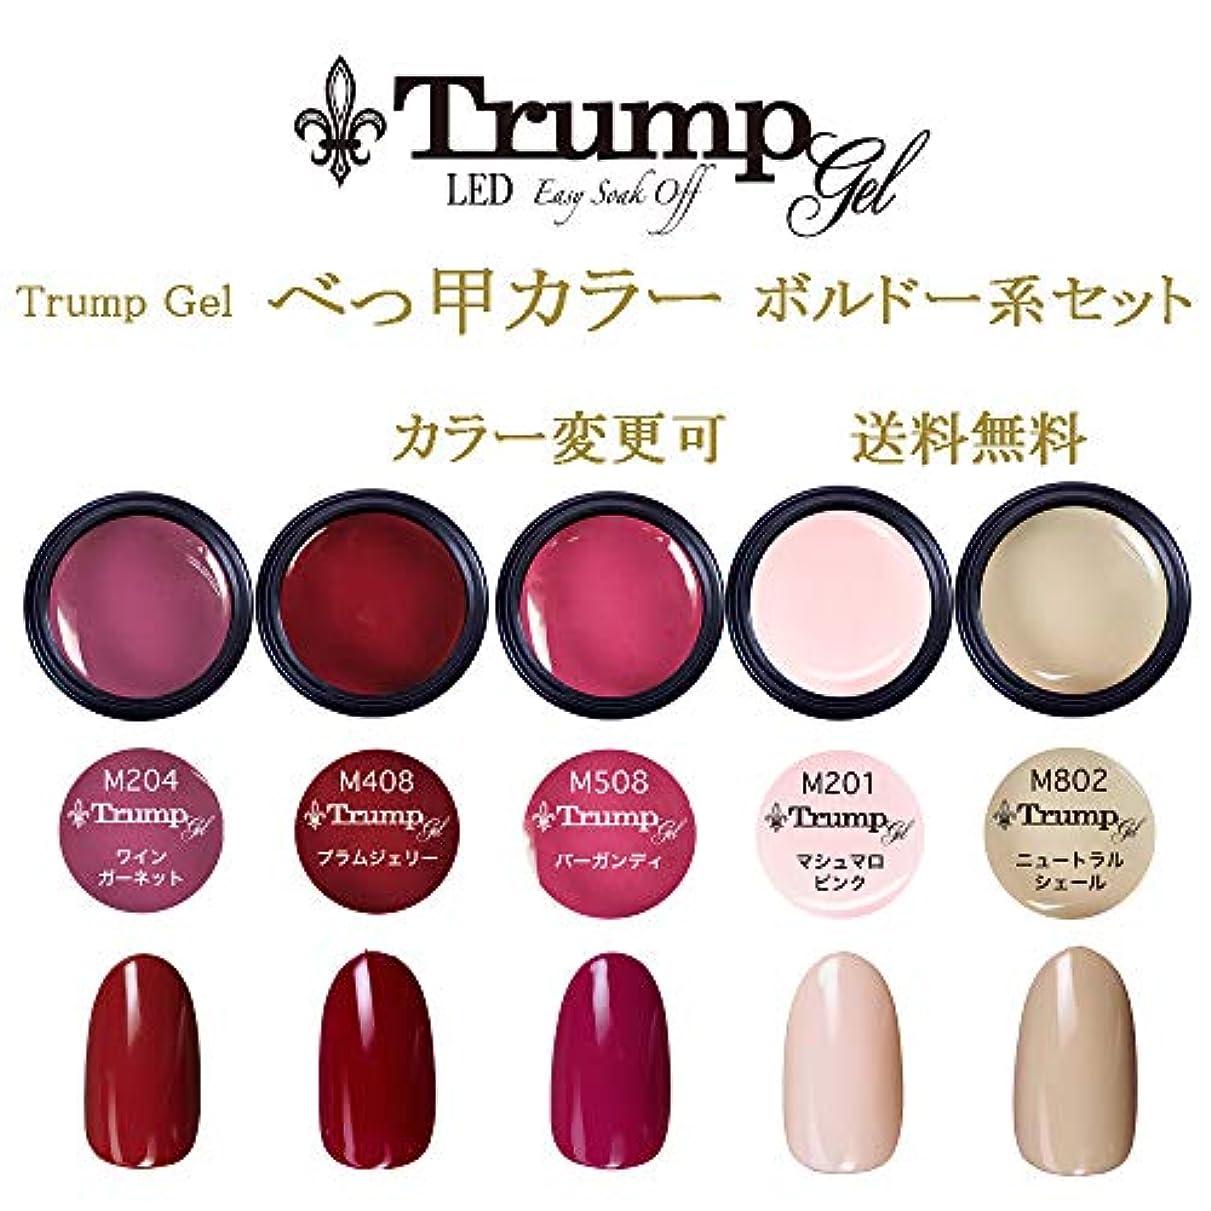 誰のジム解任【送料無料】日本製 Trump gel トランプジェル べっ甲カラー ボルドー系 選べる カラージェル 5個セット べっ甲ネイル ボルドー ブラウン ホワイト ラメ カラー